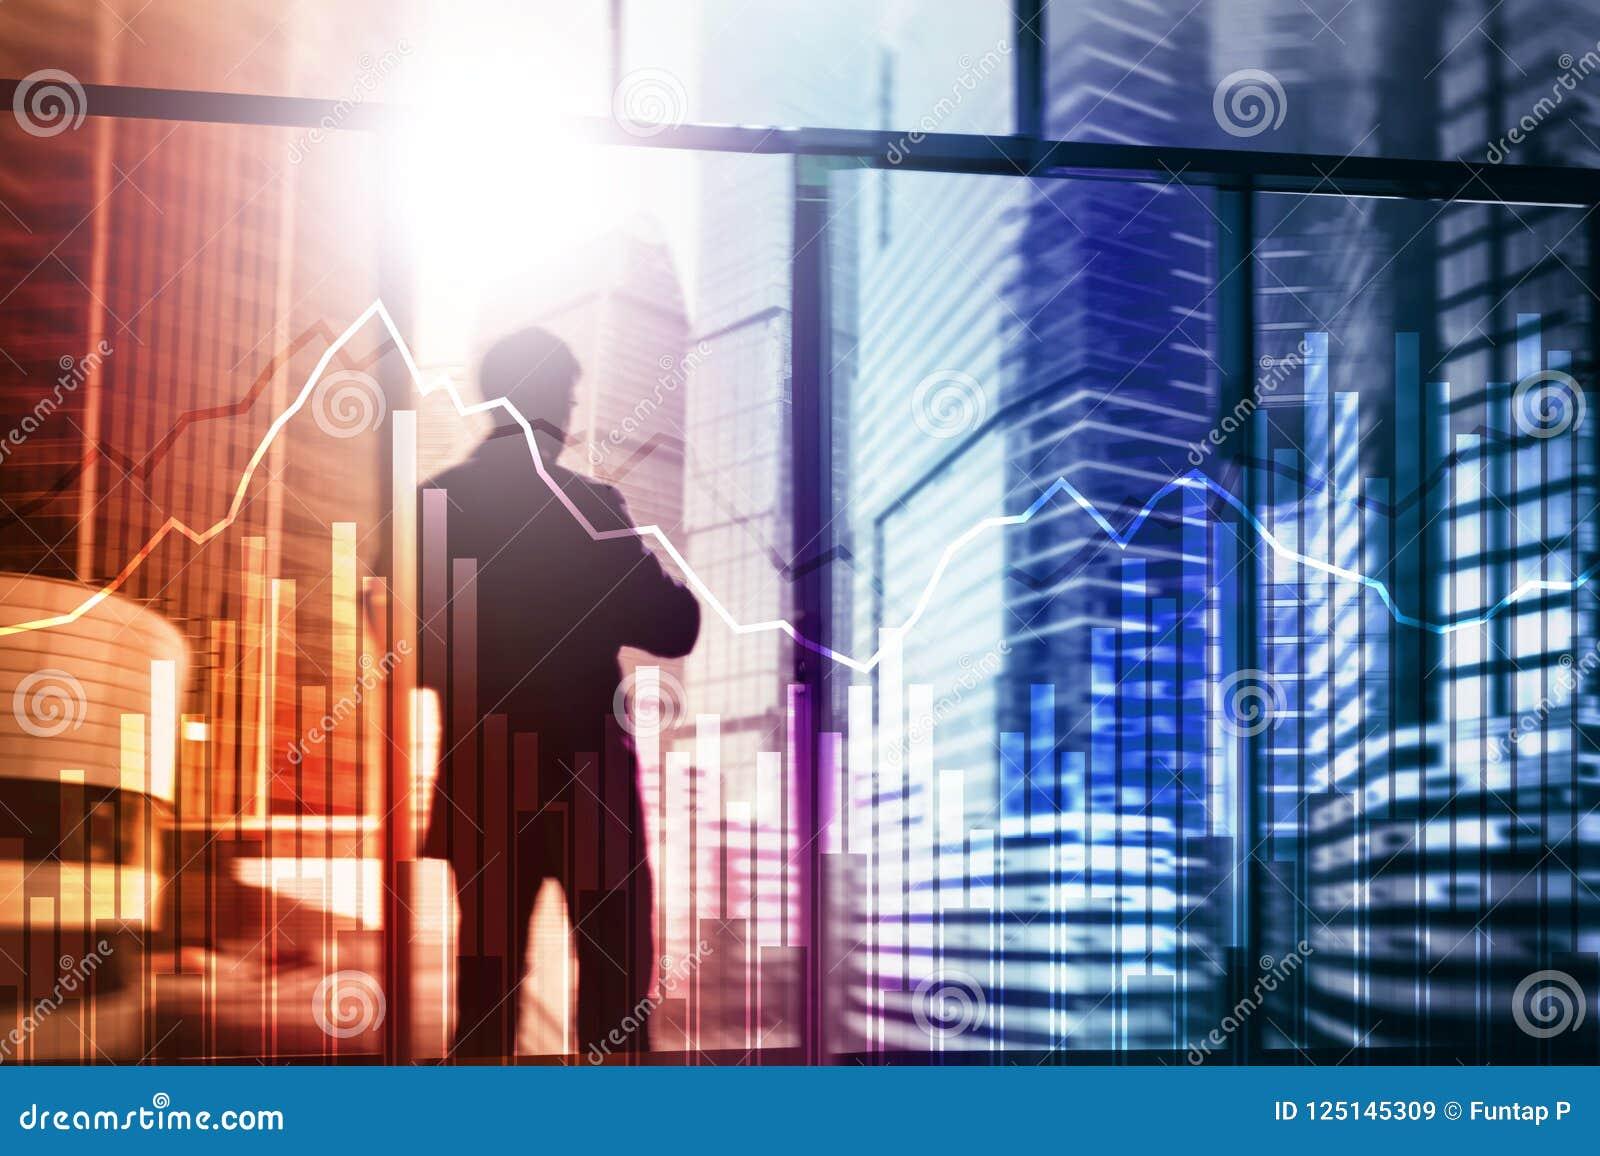 Graphique d affaires et de finances sur le fond brouillé Concept de commerce, d investissement et de sciences économiques